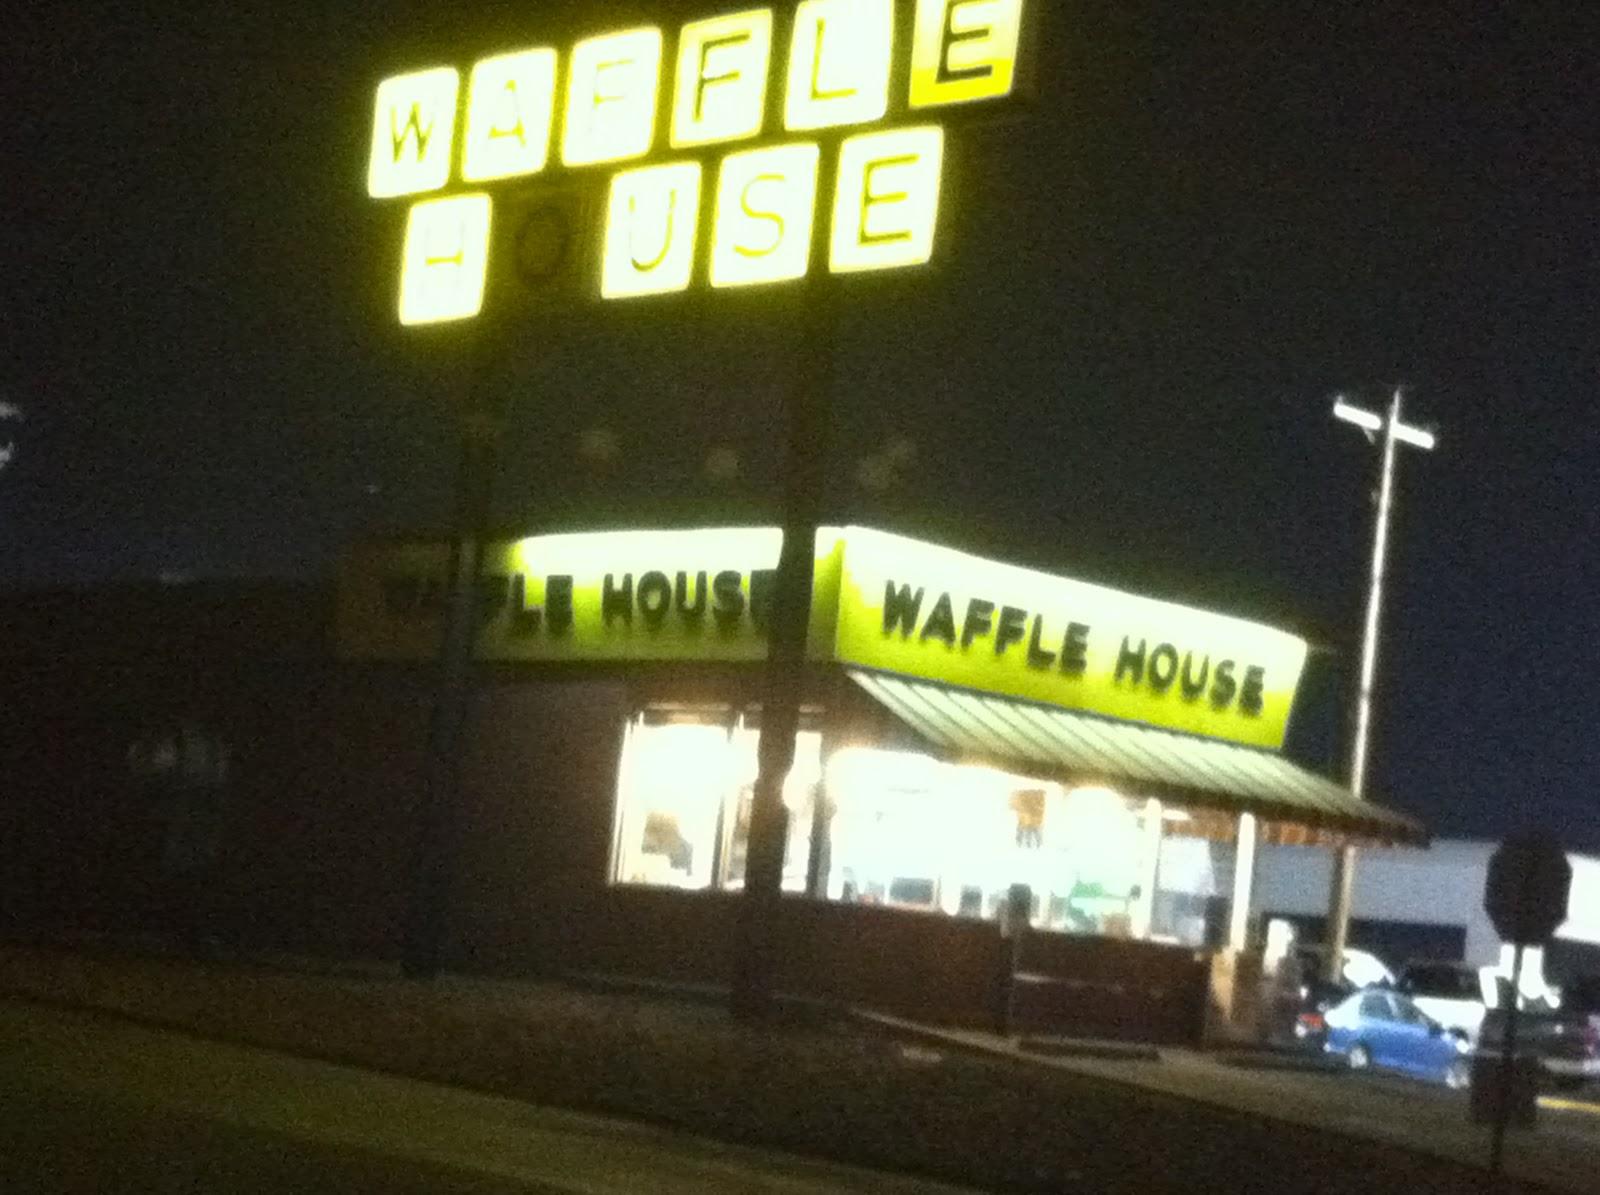 http://1.bp.blogspot.com/_R_jY8MM4-ZA/TUXQ3xj0uJI/AAAAAAAABrM/RCUubN1XbLw/s1600/waffle+house+020.jpg